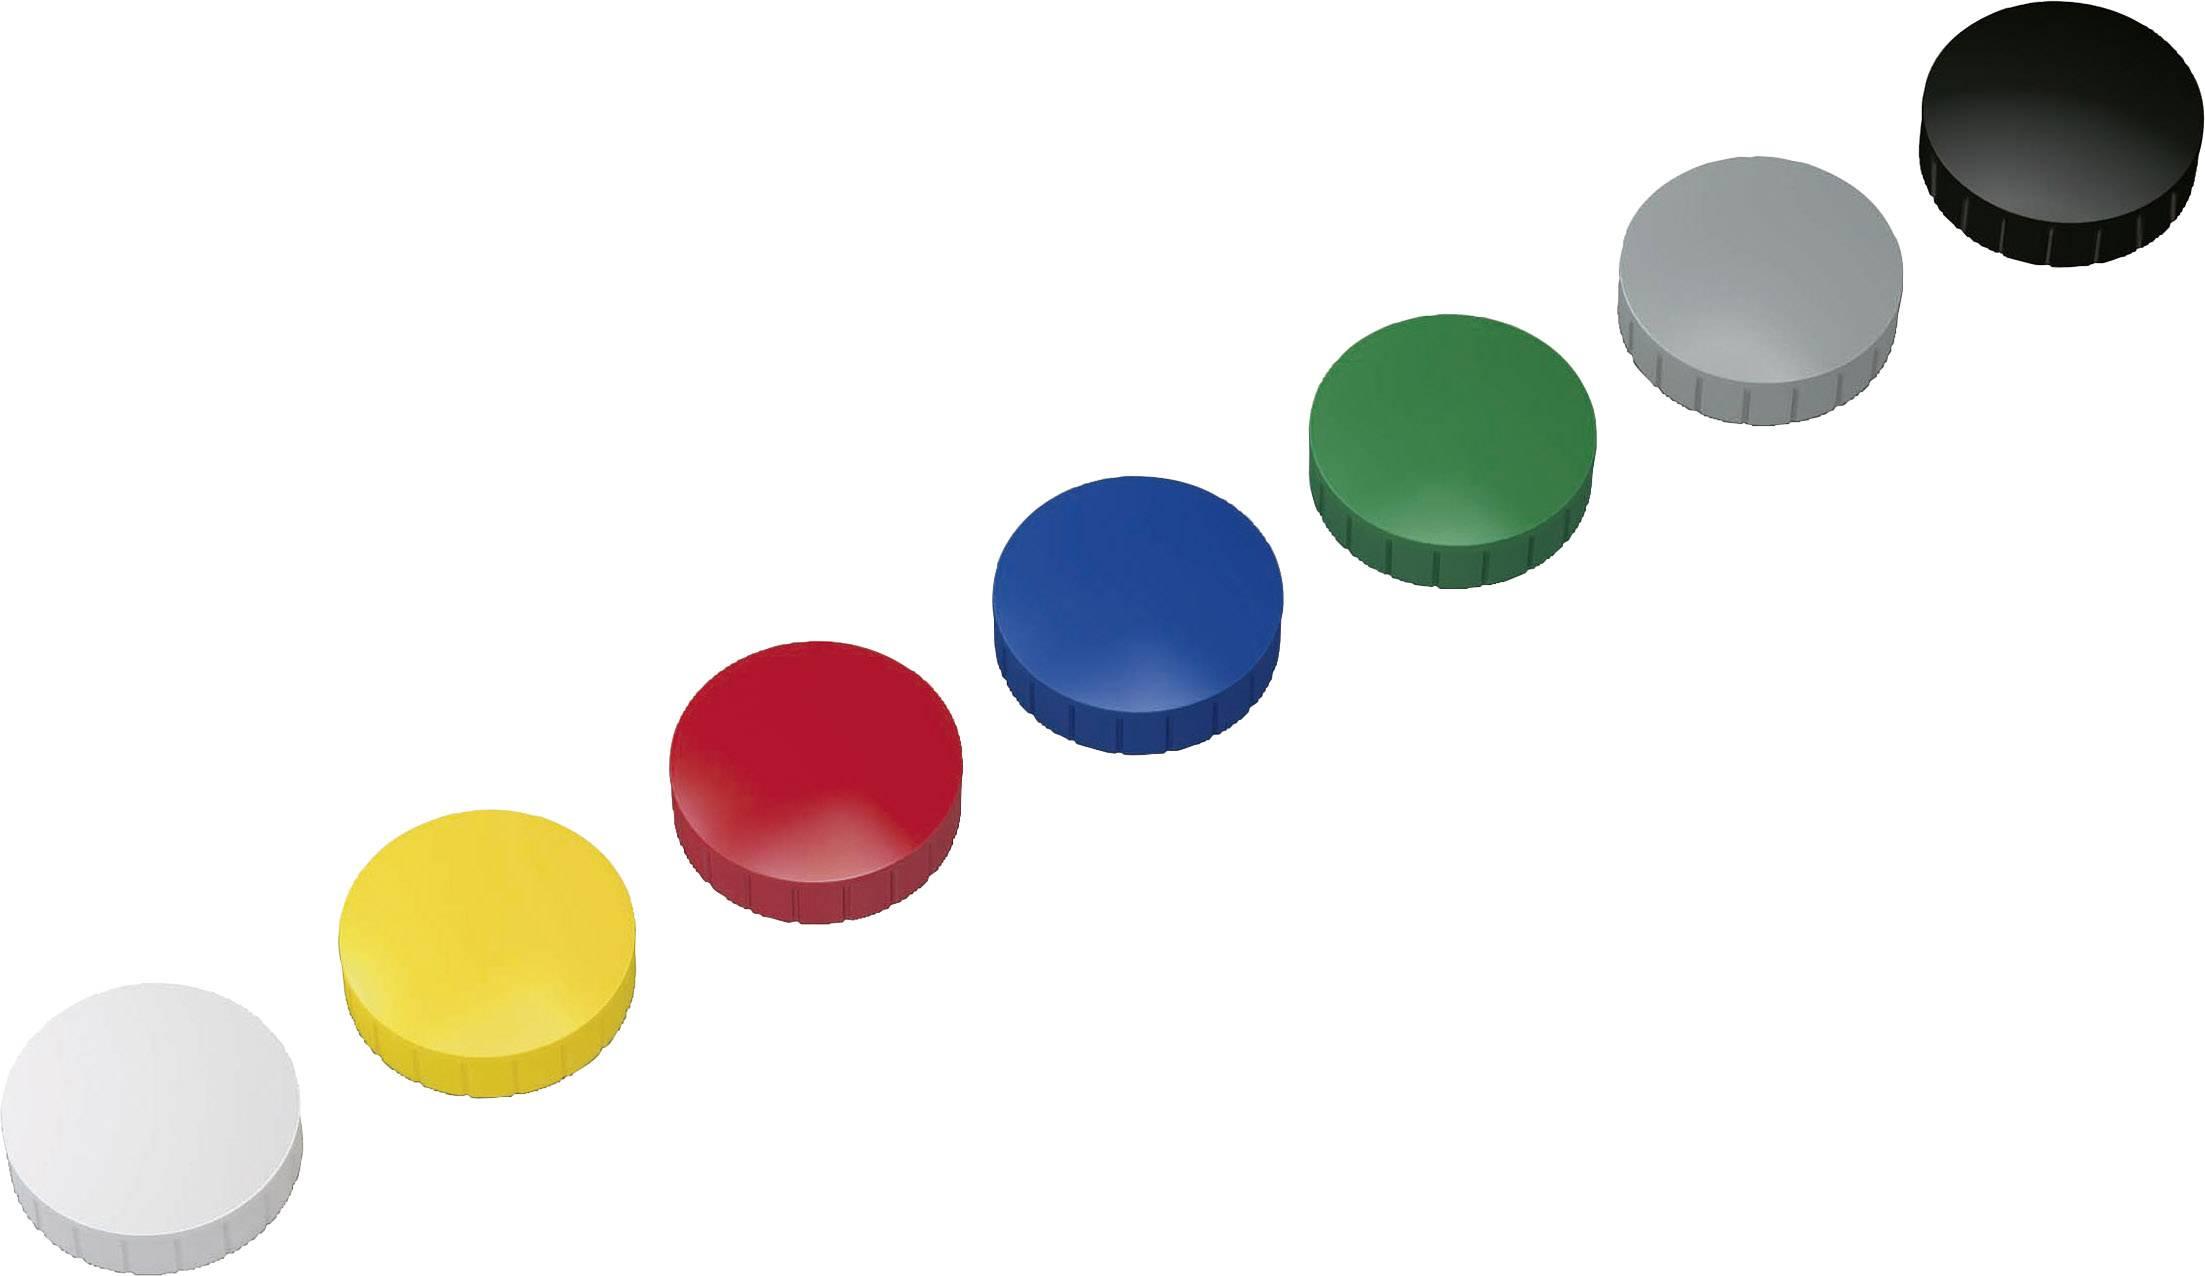 Haftmagnete rund 15mm in schwarz rot blau grün gelb weiß